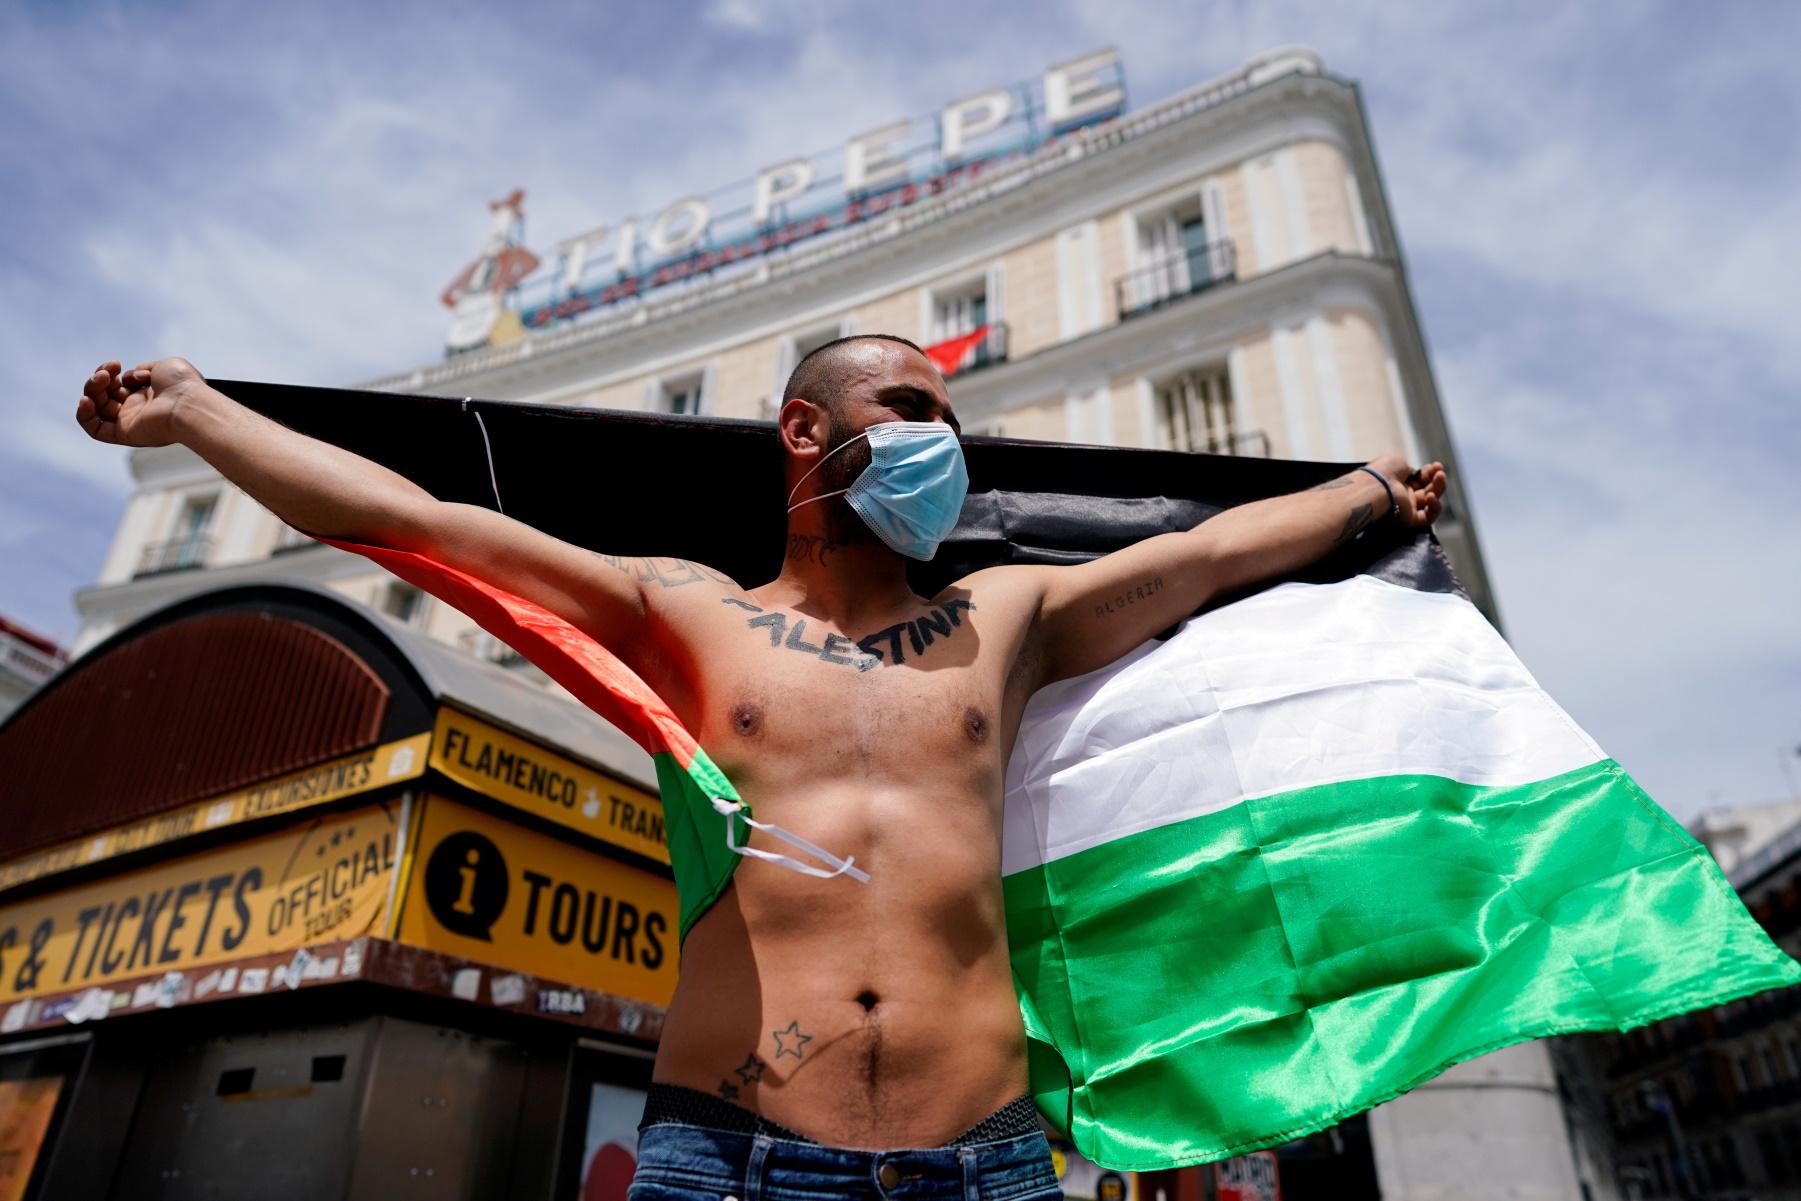 Ογκώδεις διαδηλώσεις στην Ευρώπη για τη Γάζα – Επεισόδια και συγκρούσεις με την αστυνομία (pics)